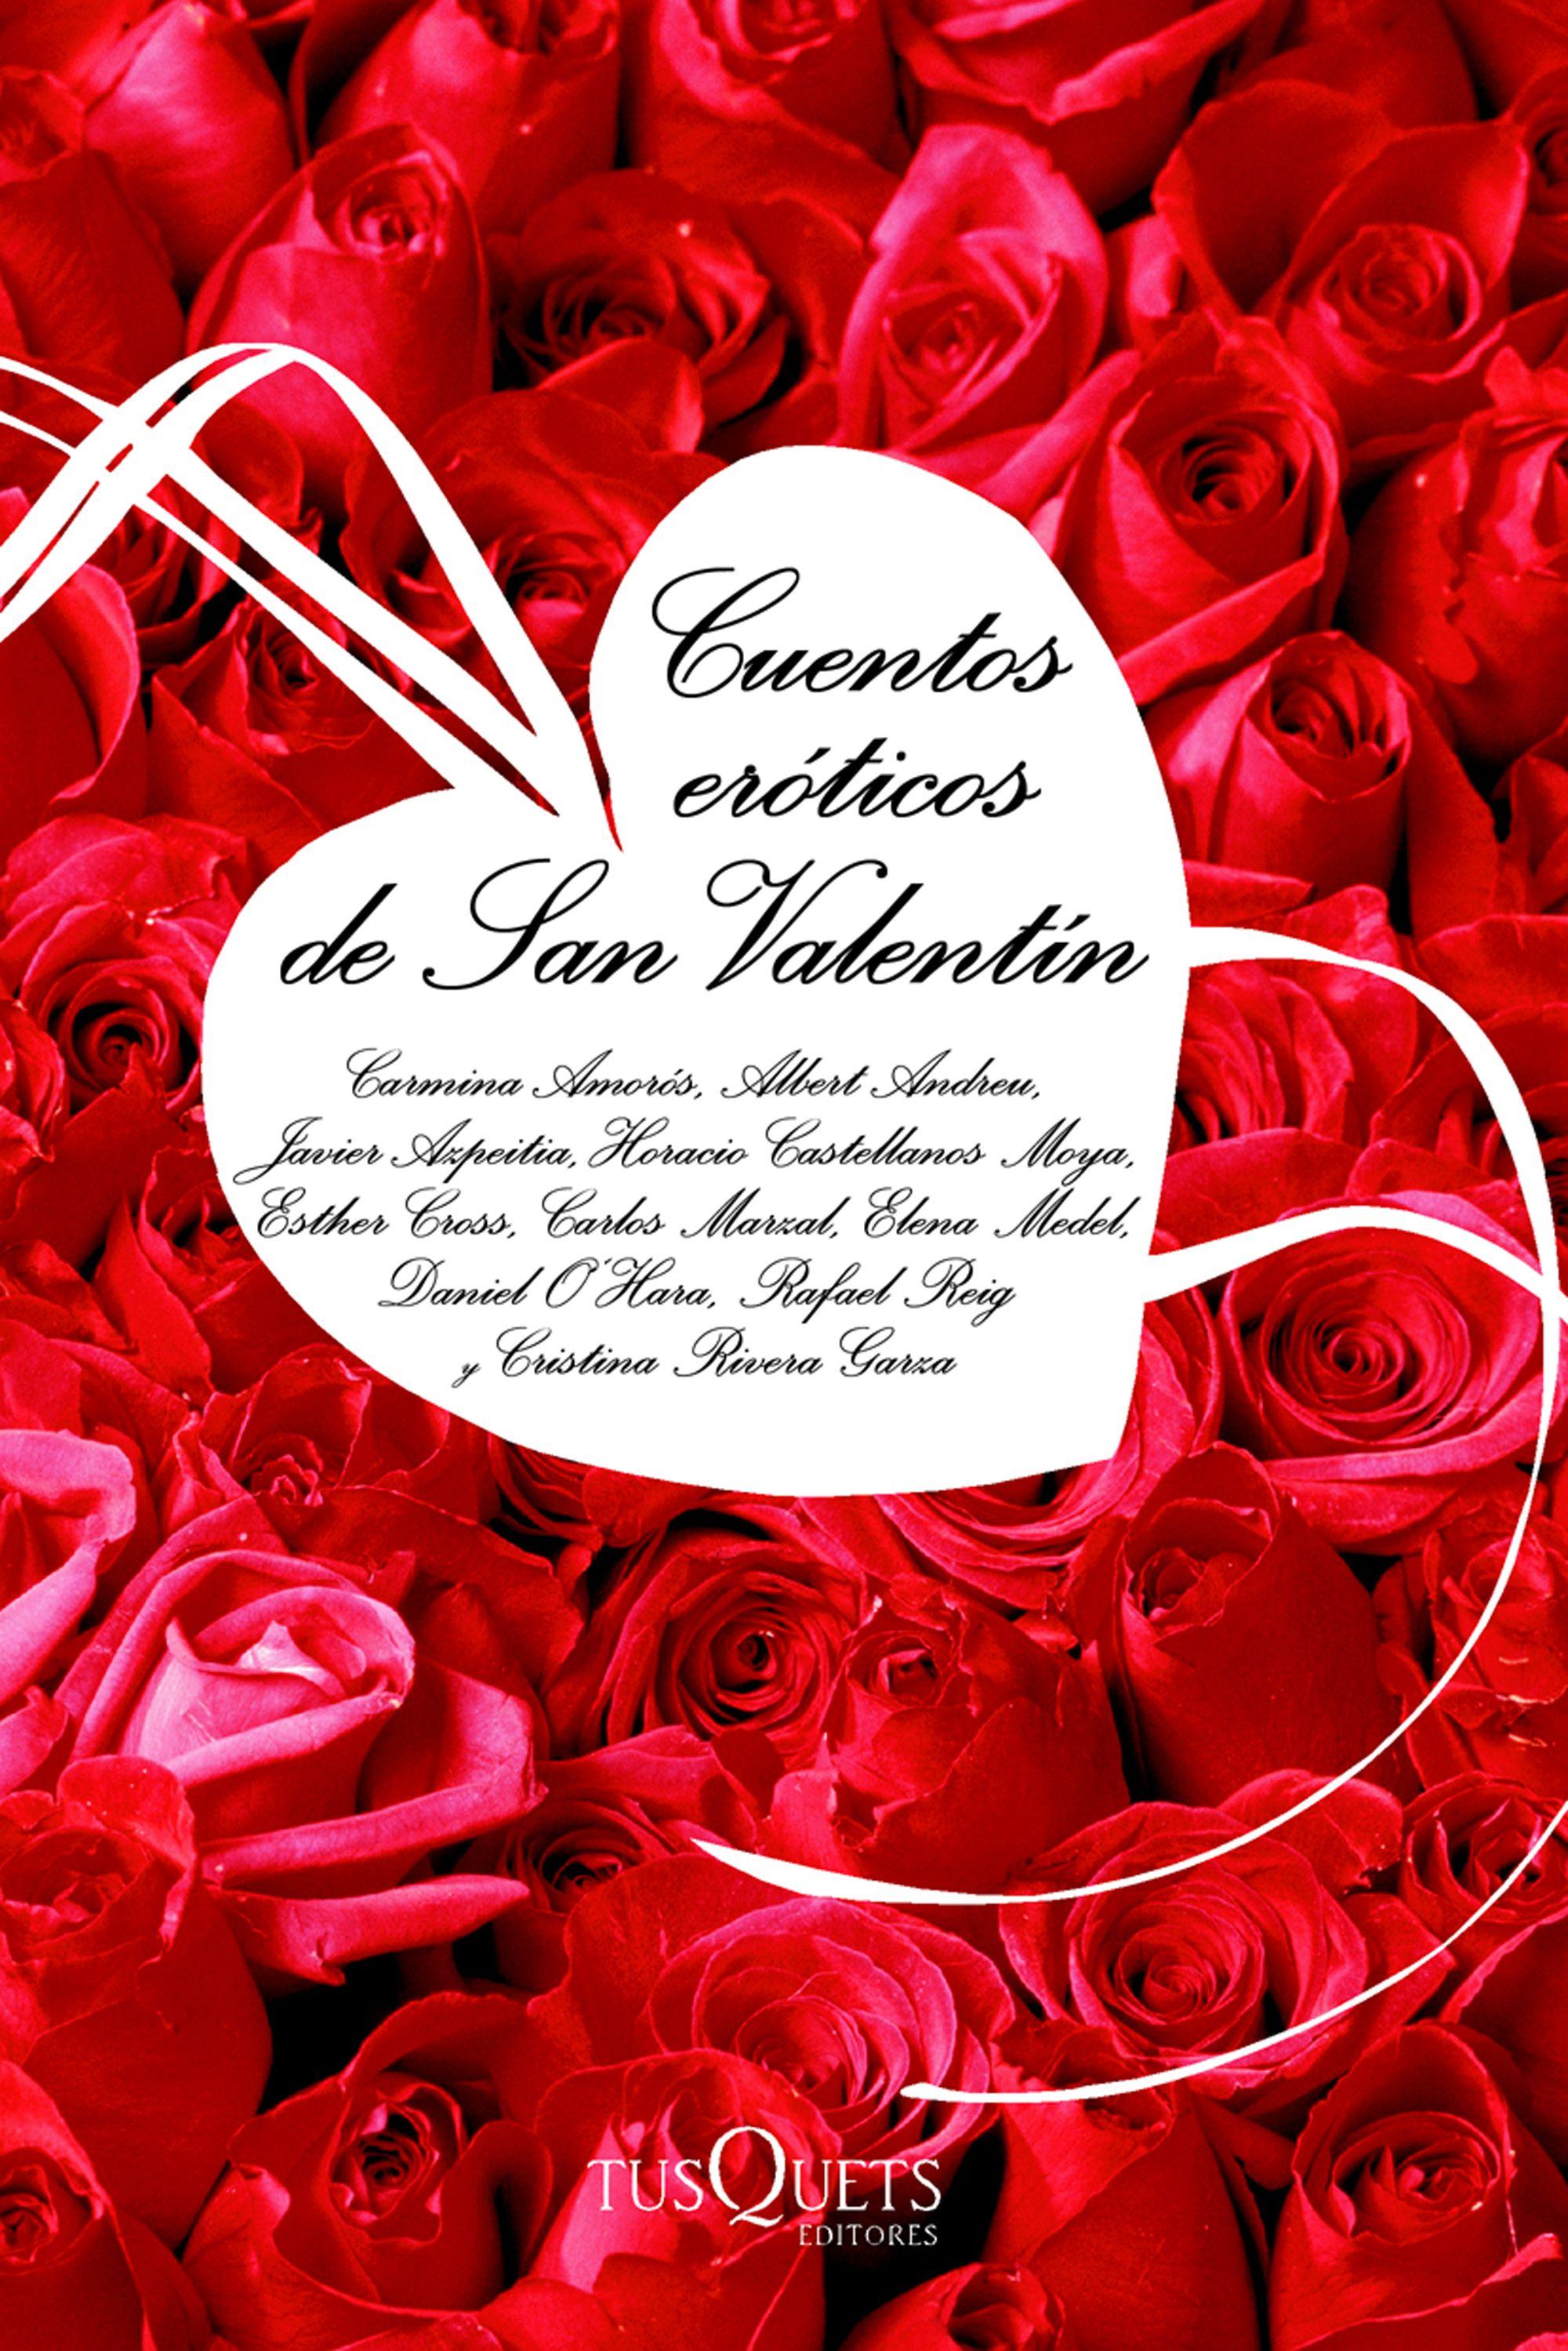 Cuentos Eroticos De San Valentin por Vv.aa. Gratis